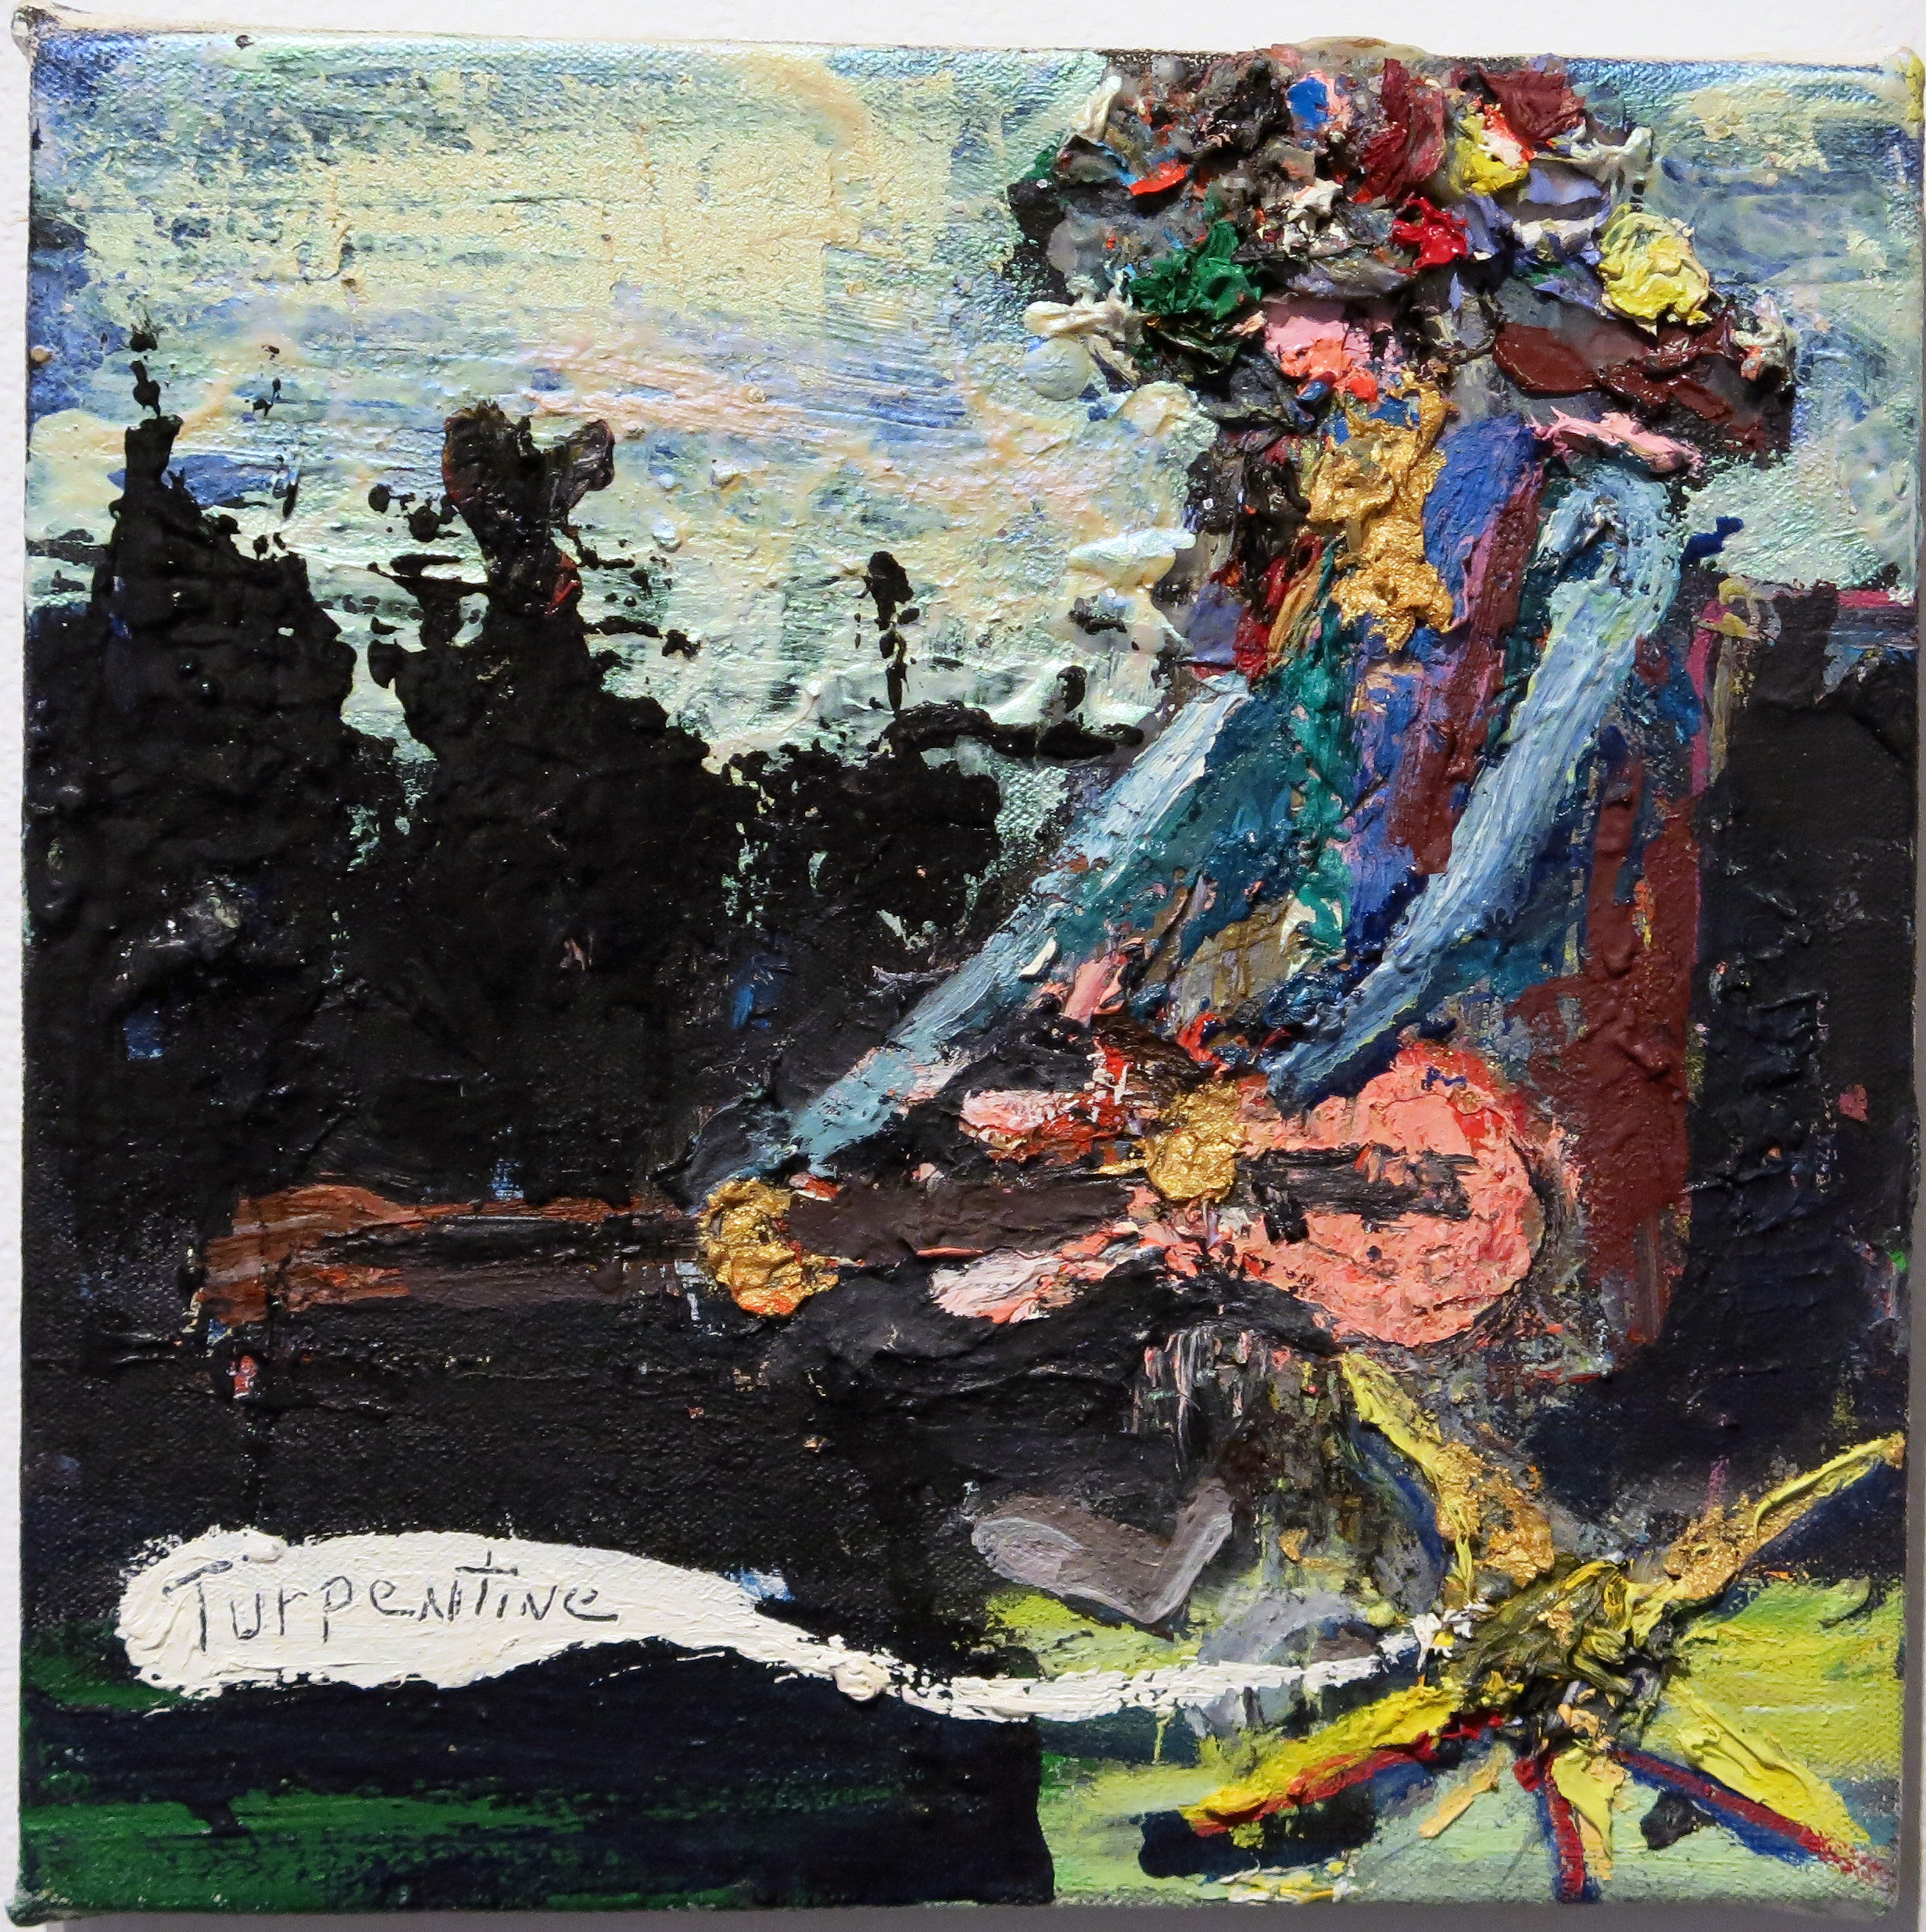 Matt Blackwell, Turpentine , 2009, oil on canvas, 8h x 8w in.